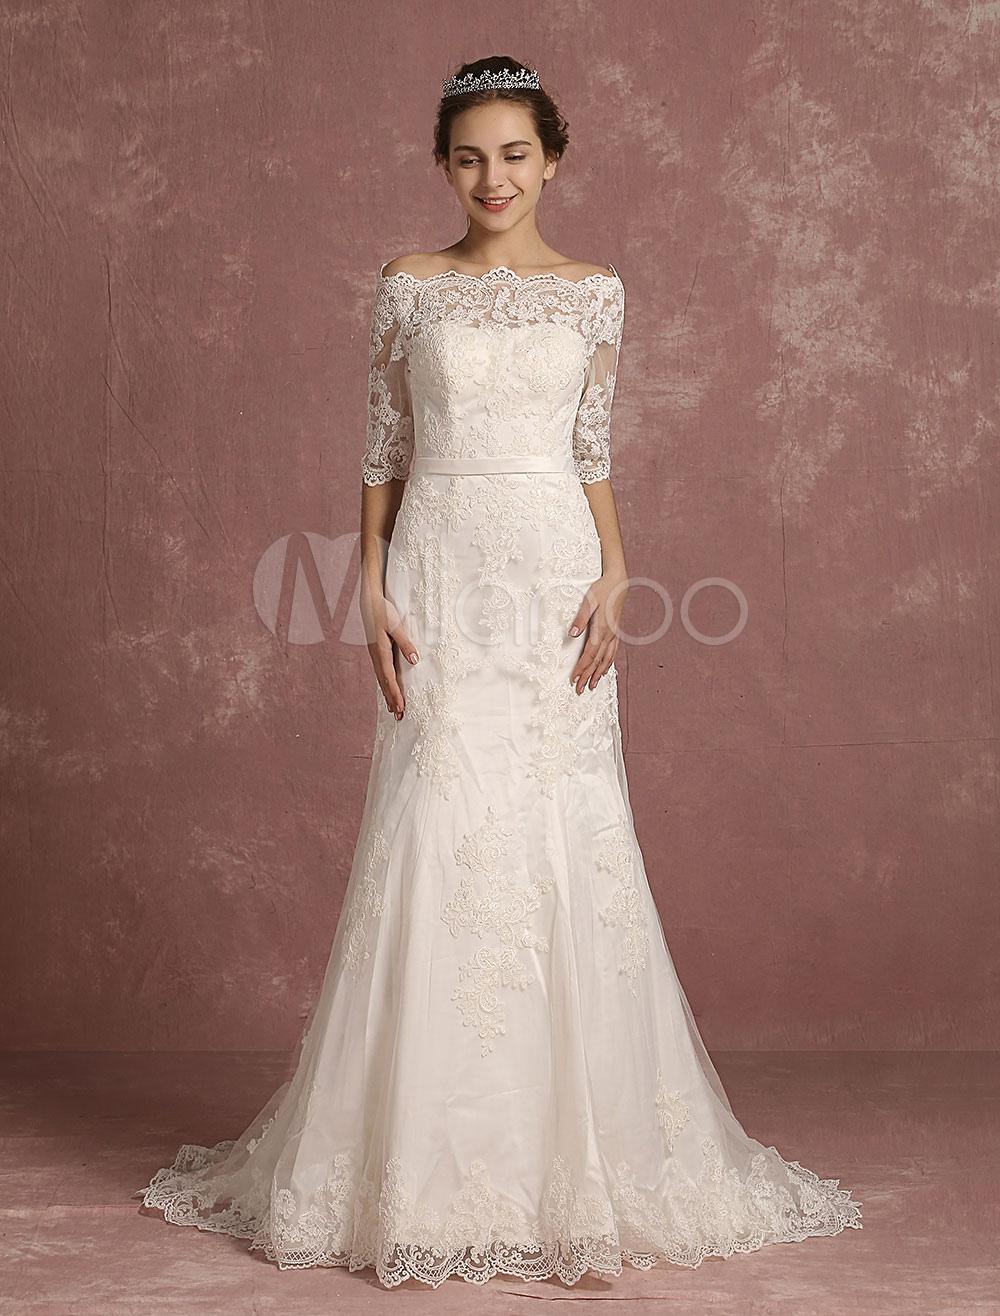 cheap for discount 021c2 895a2 Meerjungfrau Hochzeit Kleid Spitze halbe Ärmel Brautkleid Bateau Perlen  Ivory Brautkleid mit Kapelle Zug